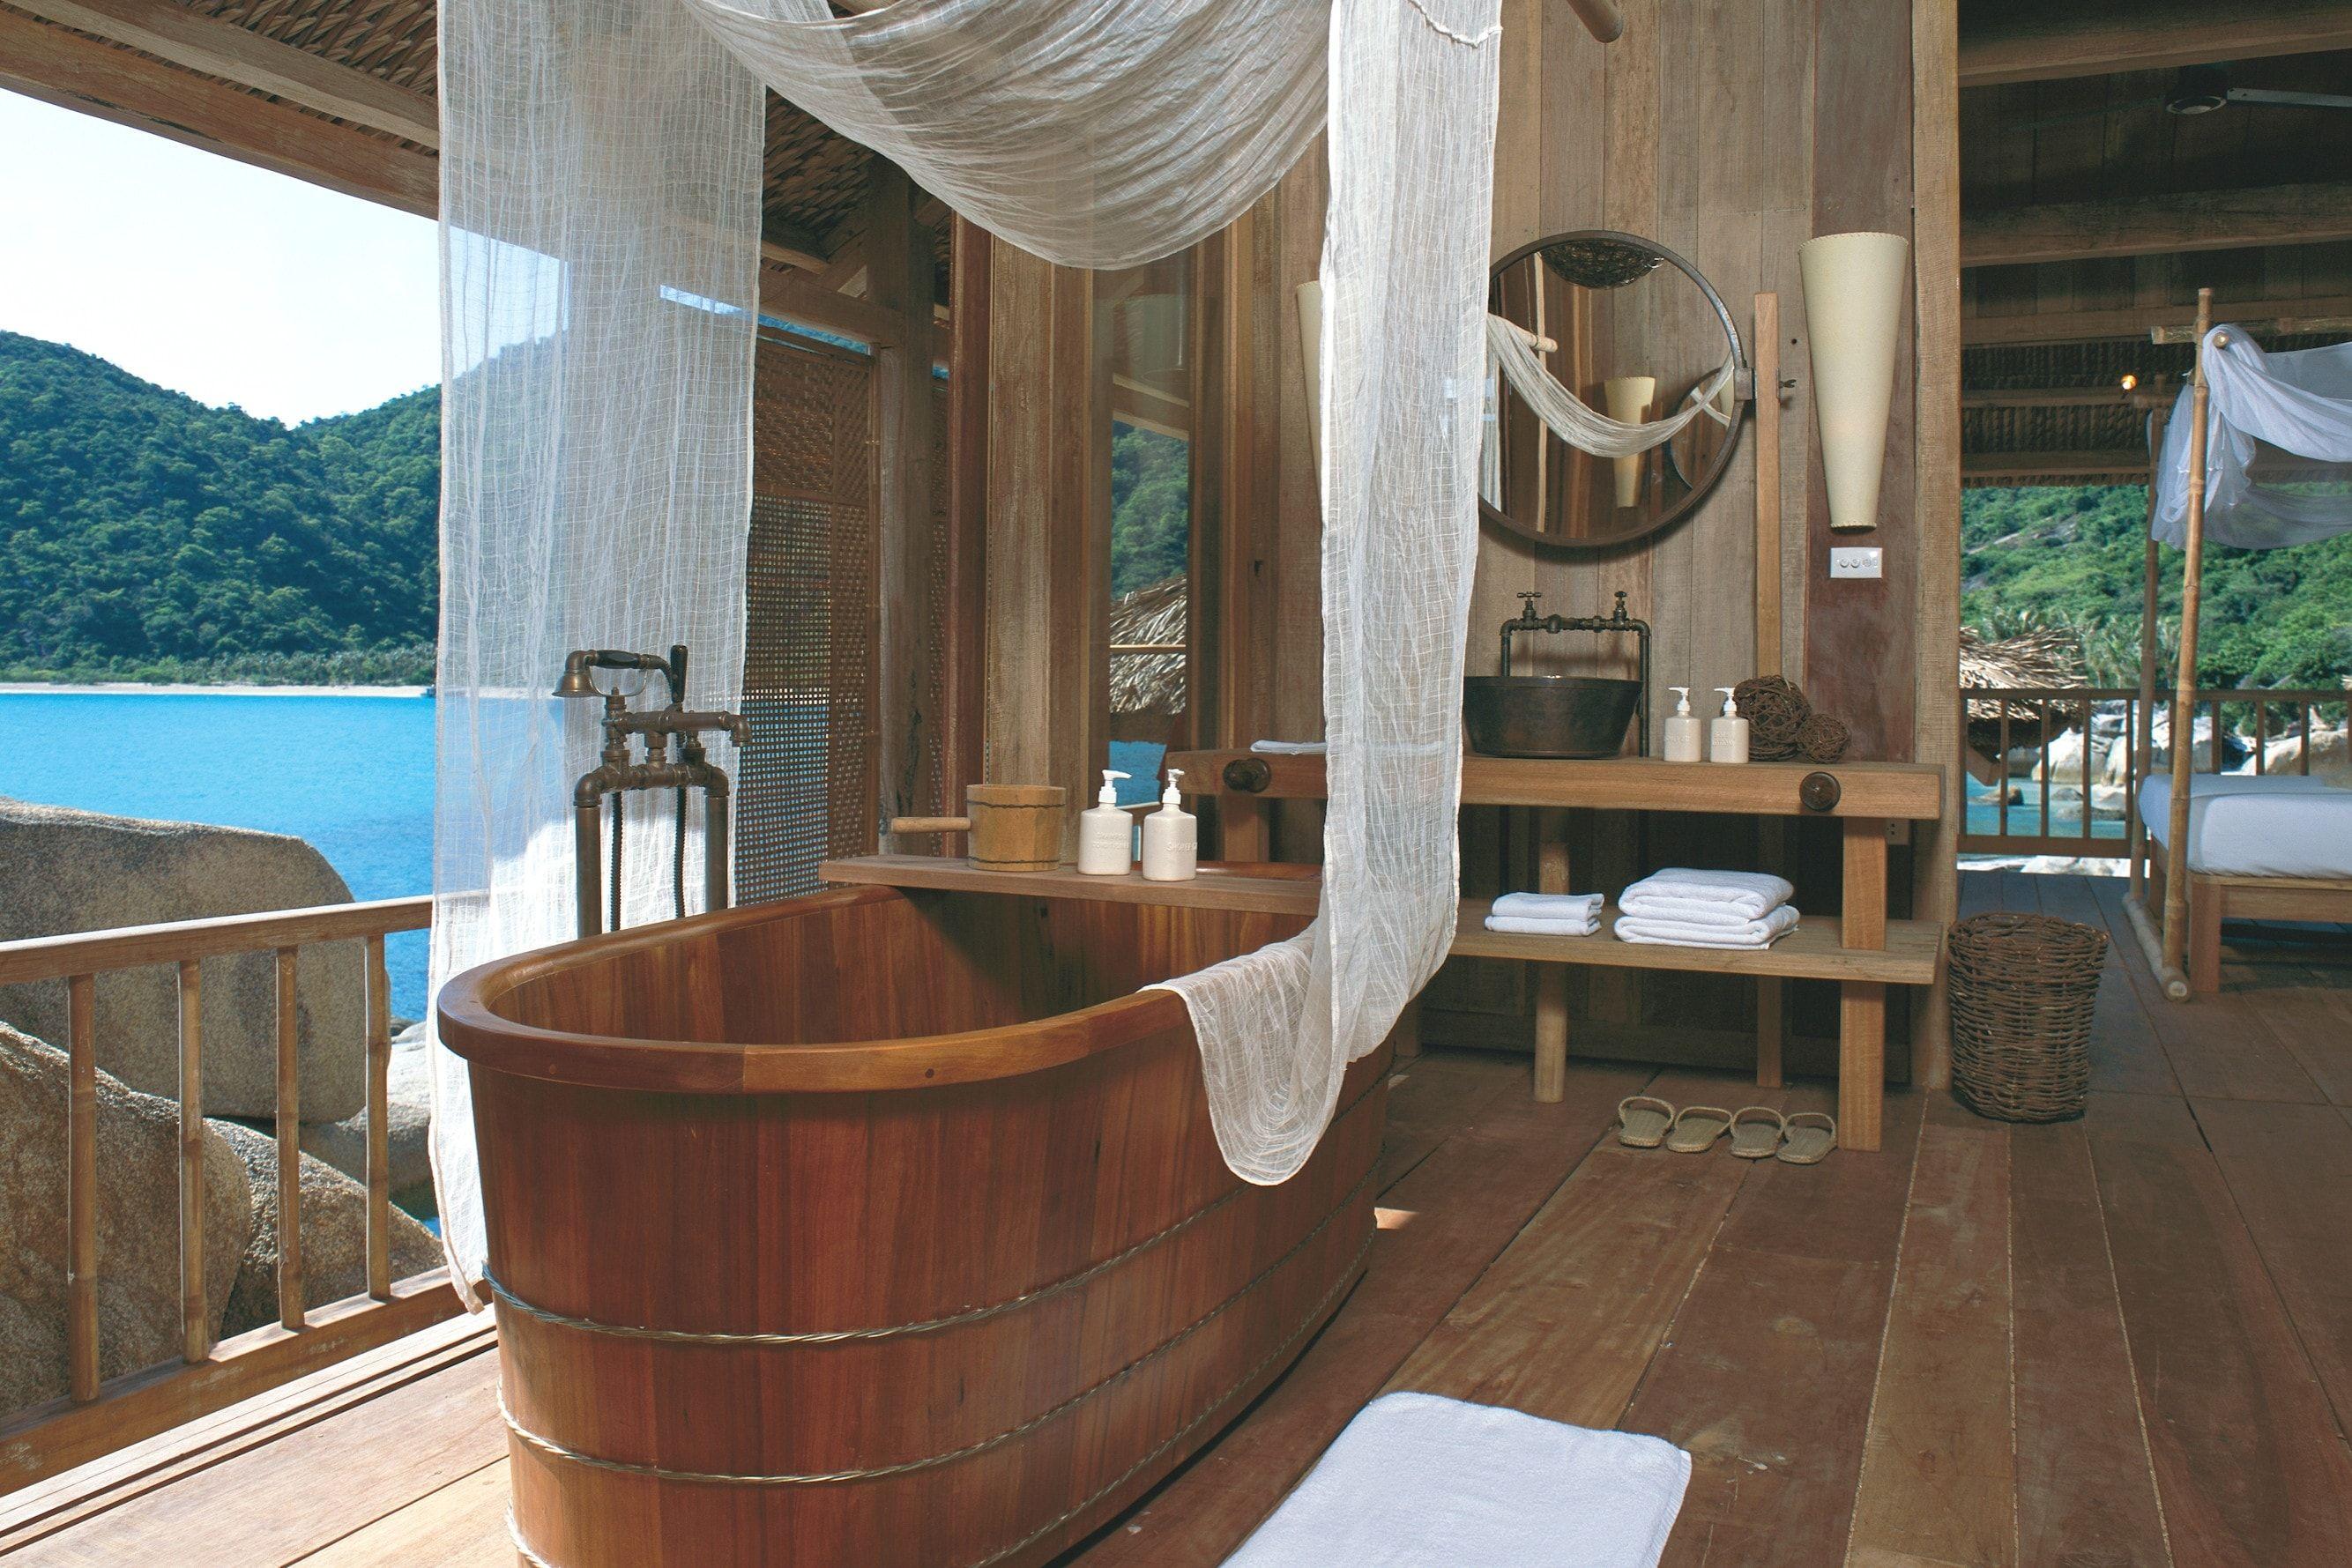 Salle De Bain Luxe Hotel ~ six senses de ninh van bay au vietnam h tels de luxe les plus